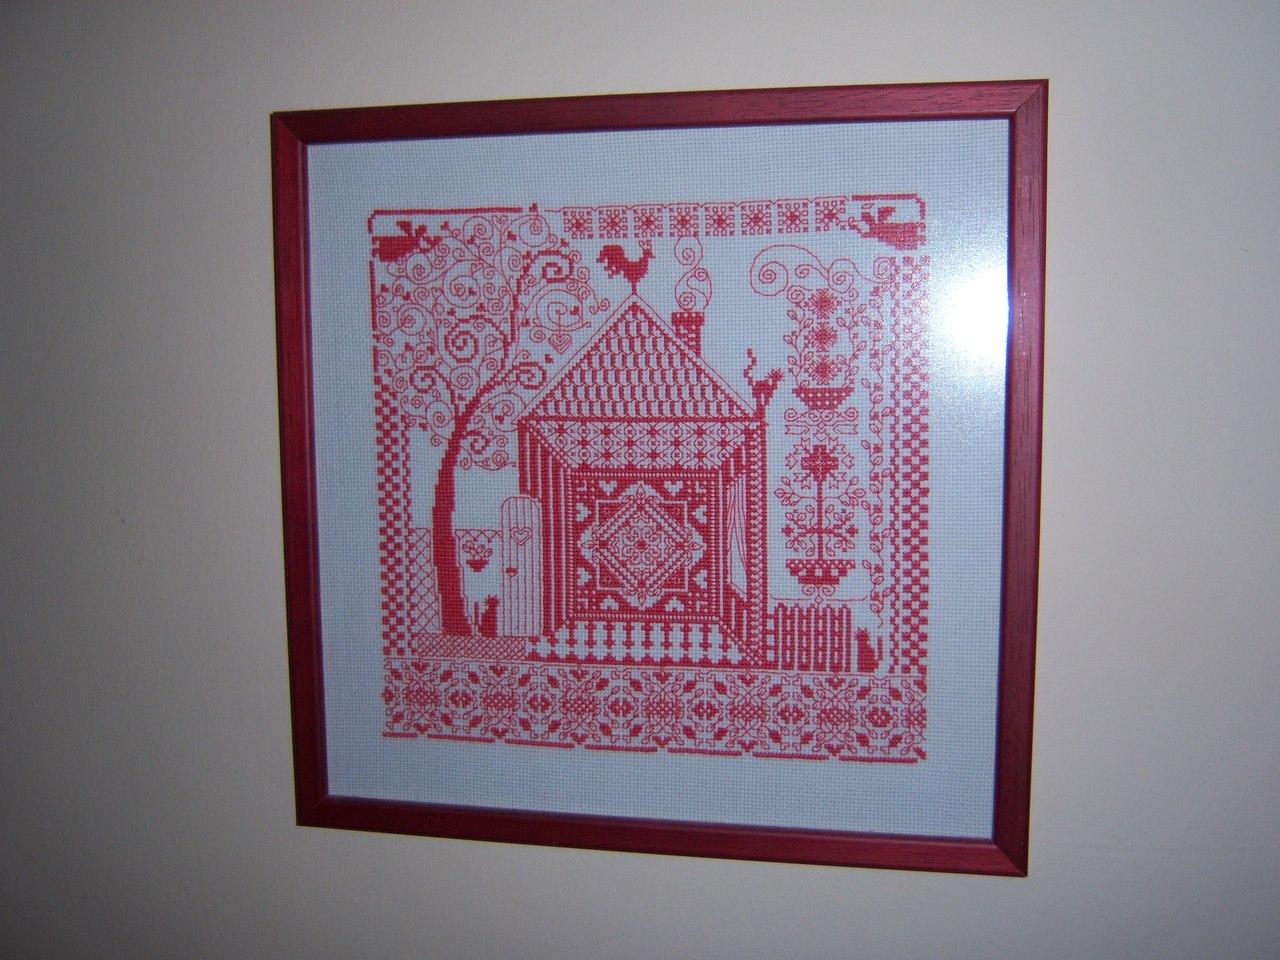 Оберег домашнего очага - Каталог схем для вышивки крестом 4